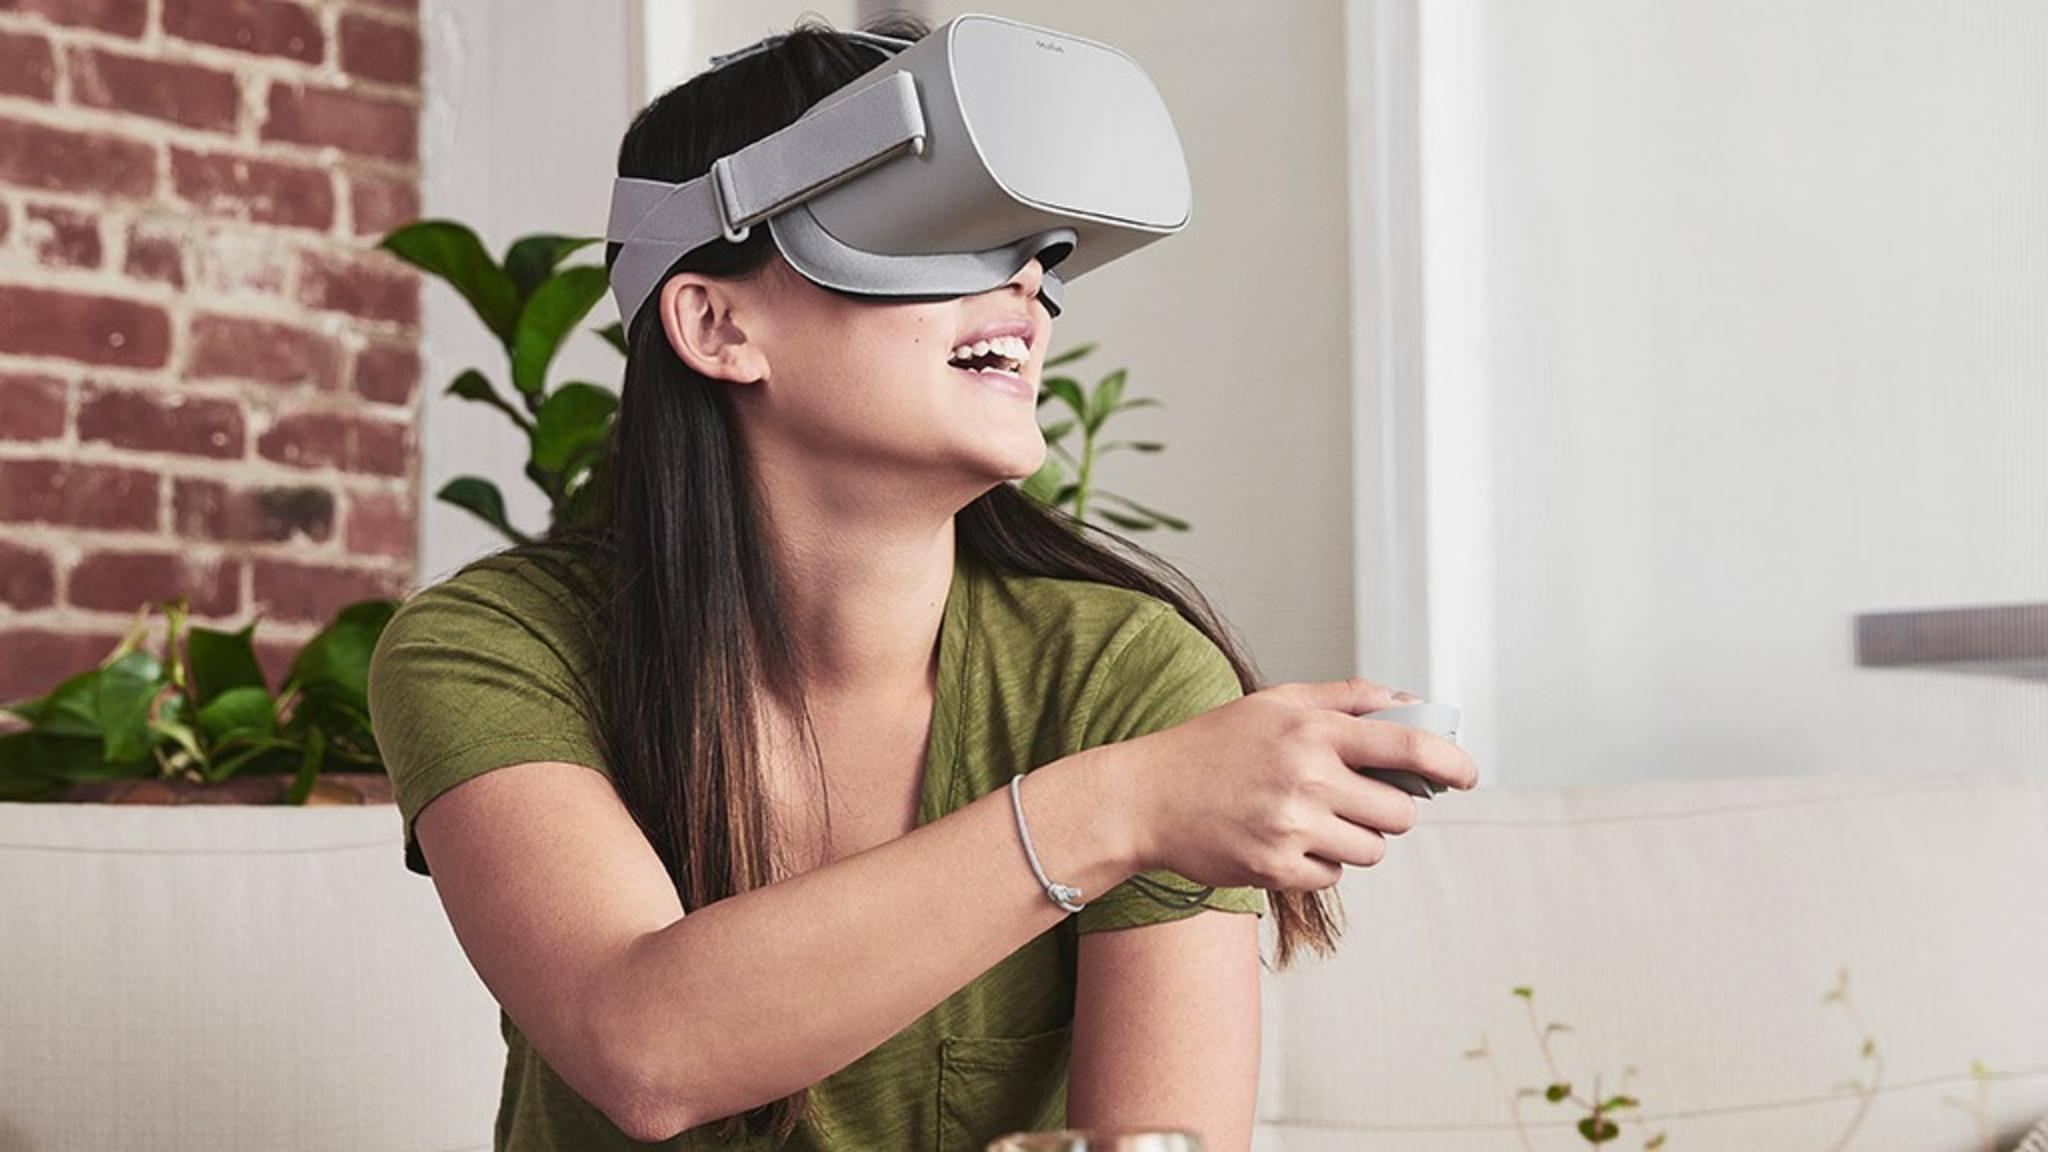 Die VR-Brillen von Oculus sollen aus dem Wohnzimmer in den Kreißsaal und Co. wandern.